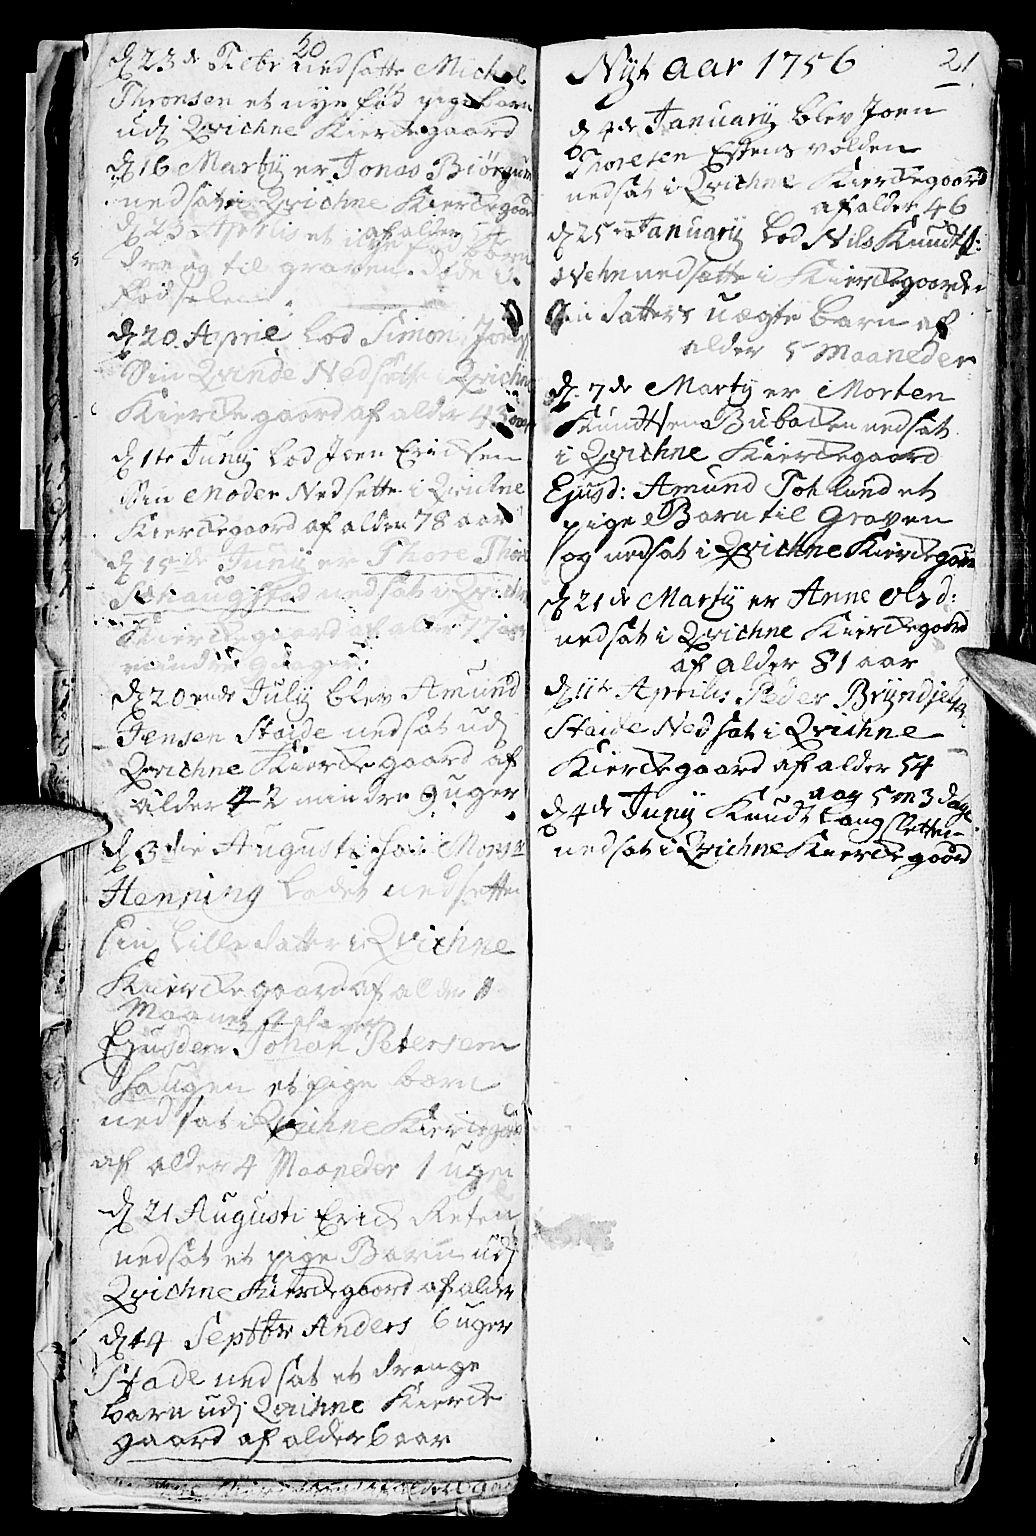 SAH, Kvikne prestekontor, Parish register (official) no. 1, 1740-1756, p. 20-21